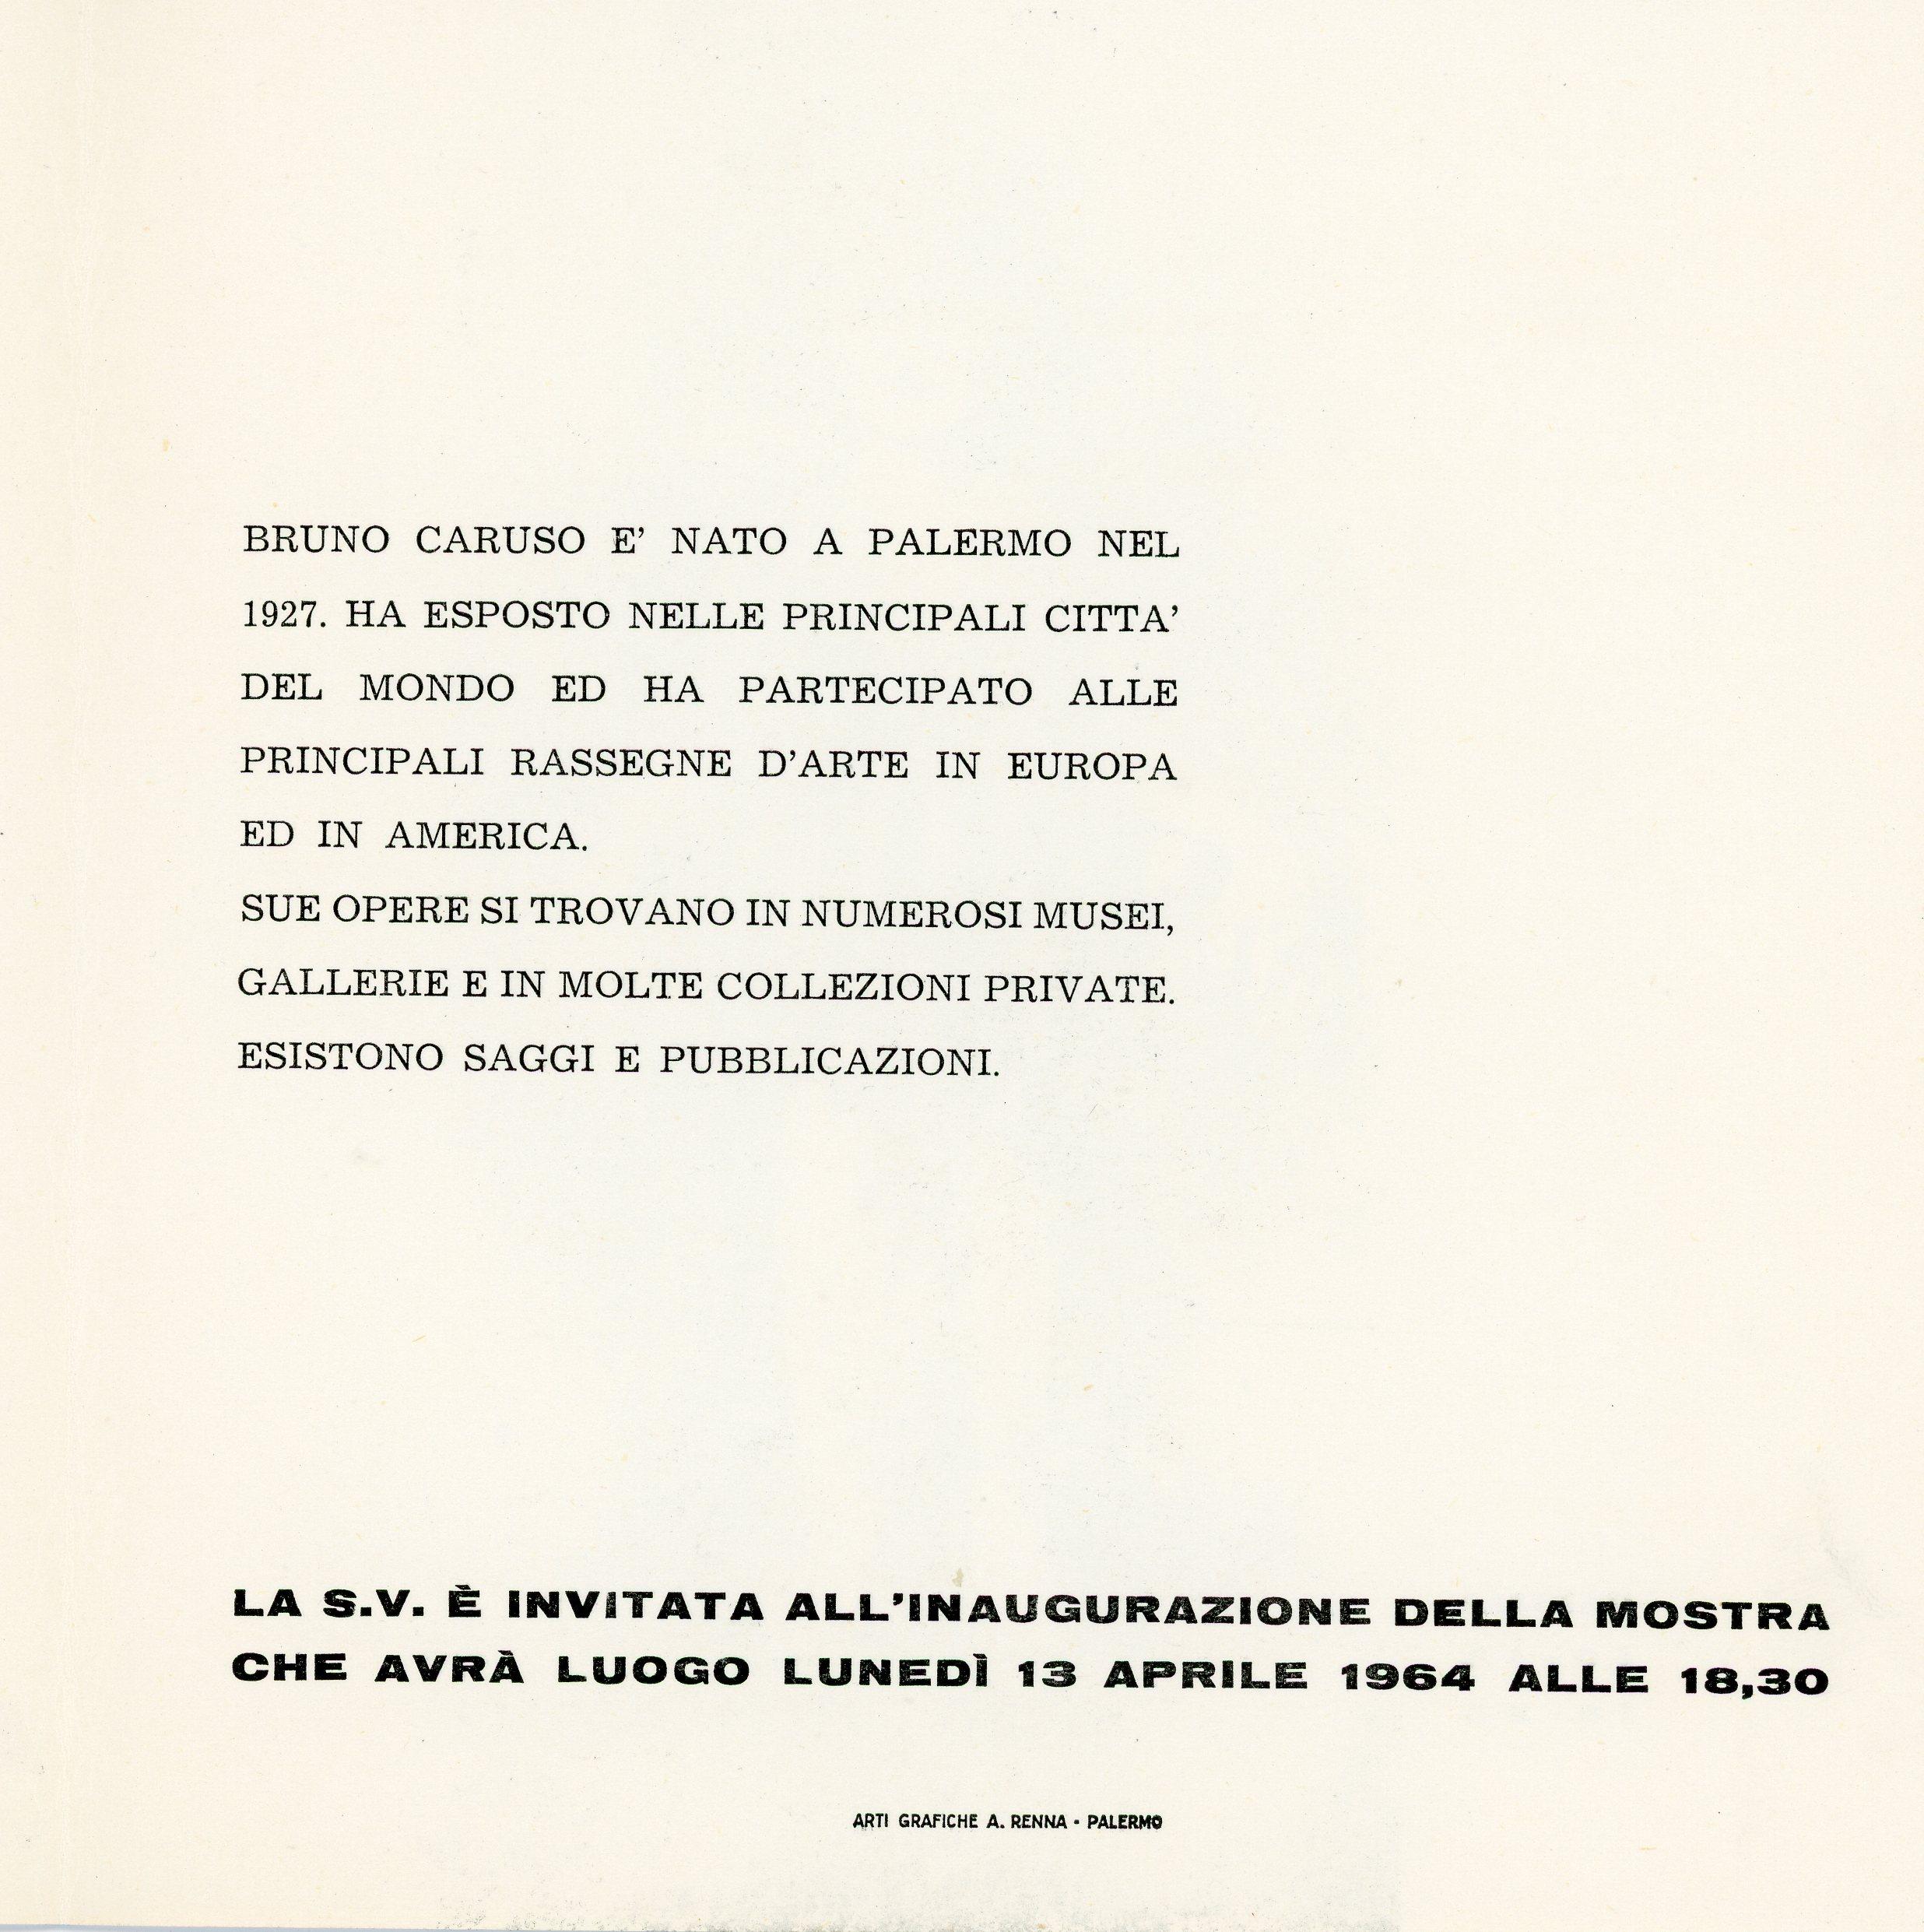 1964-04 Arte al Borgo - Bruno Caruso_03.jpg